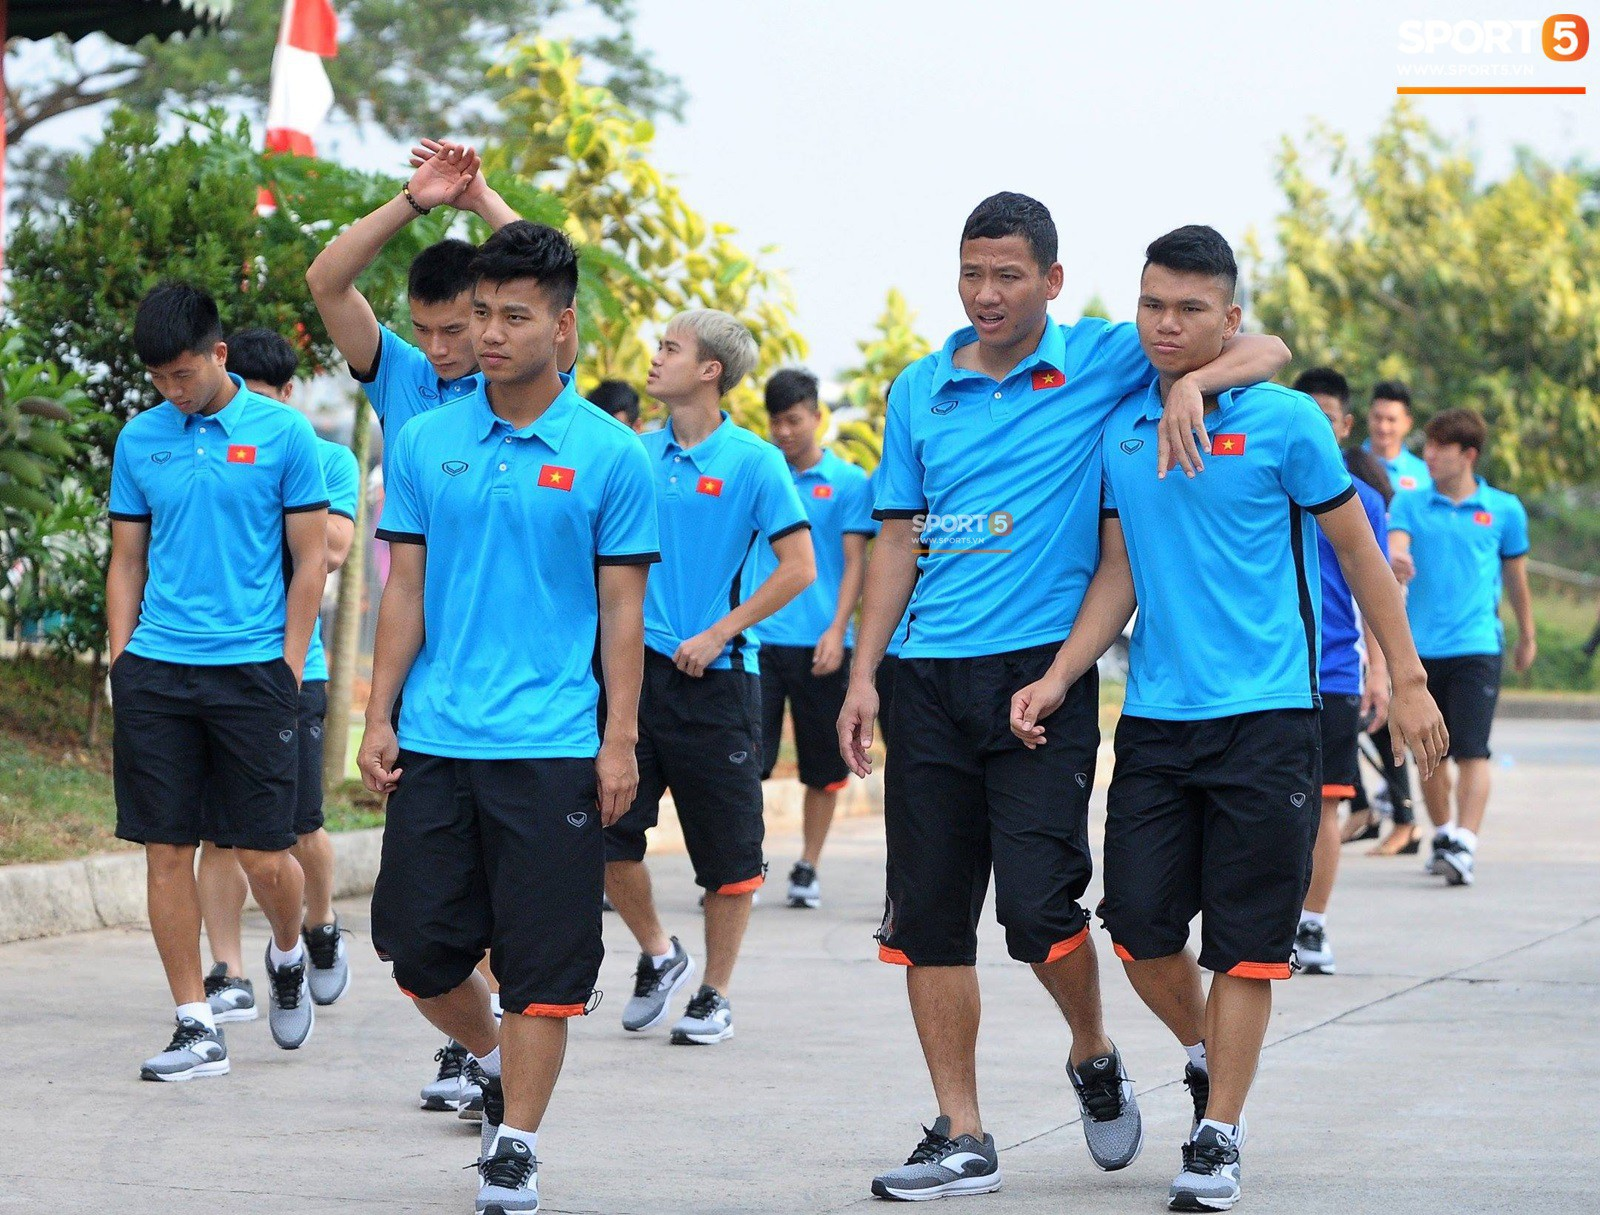 HLV Park Hang Seo cẩn thận cùng ban huấn luyện ngăn xe cho học trò băng qua đường tập luyện - Ảnh 9.